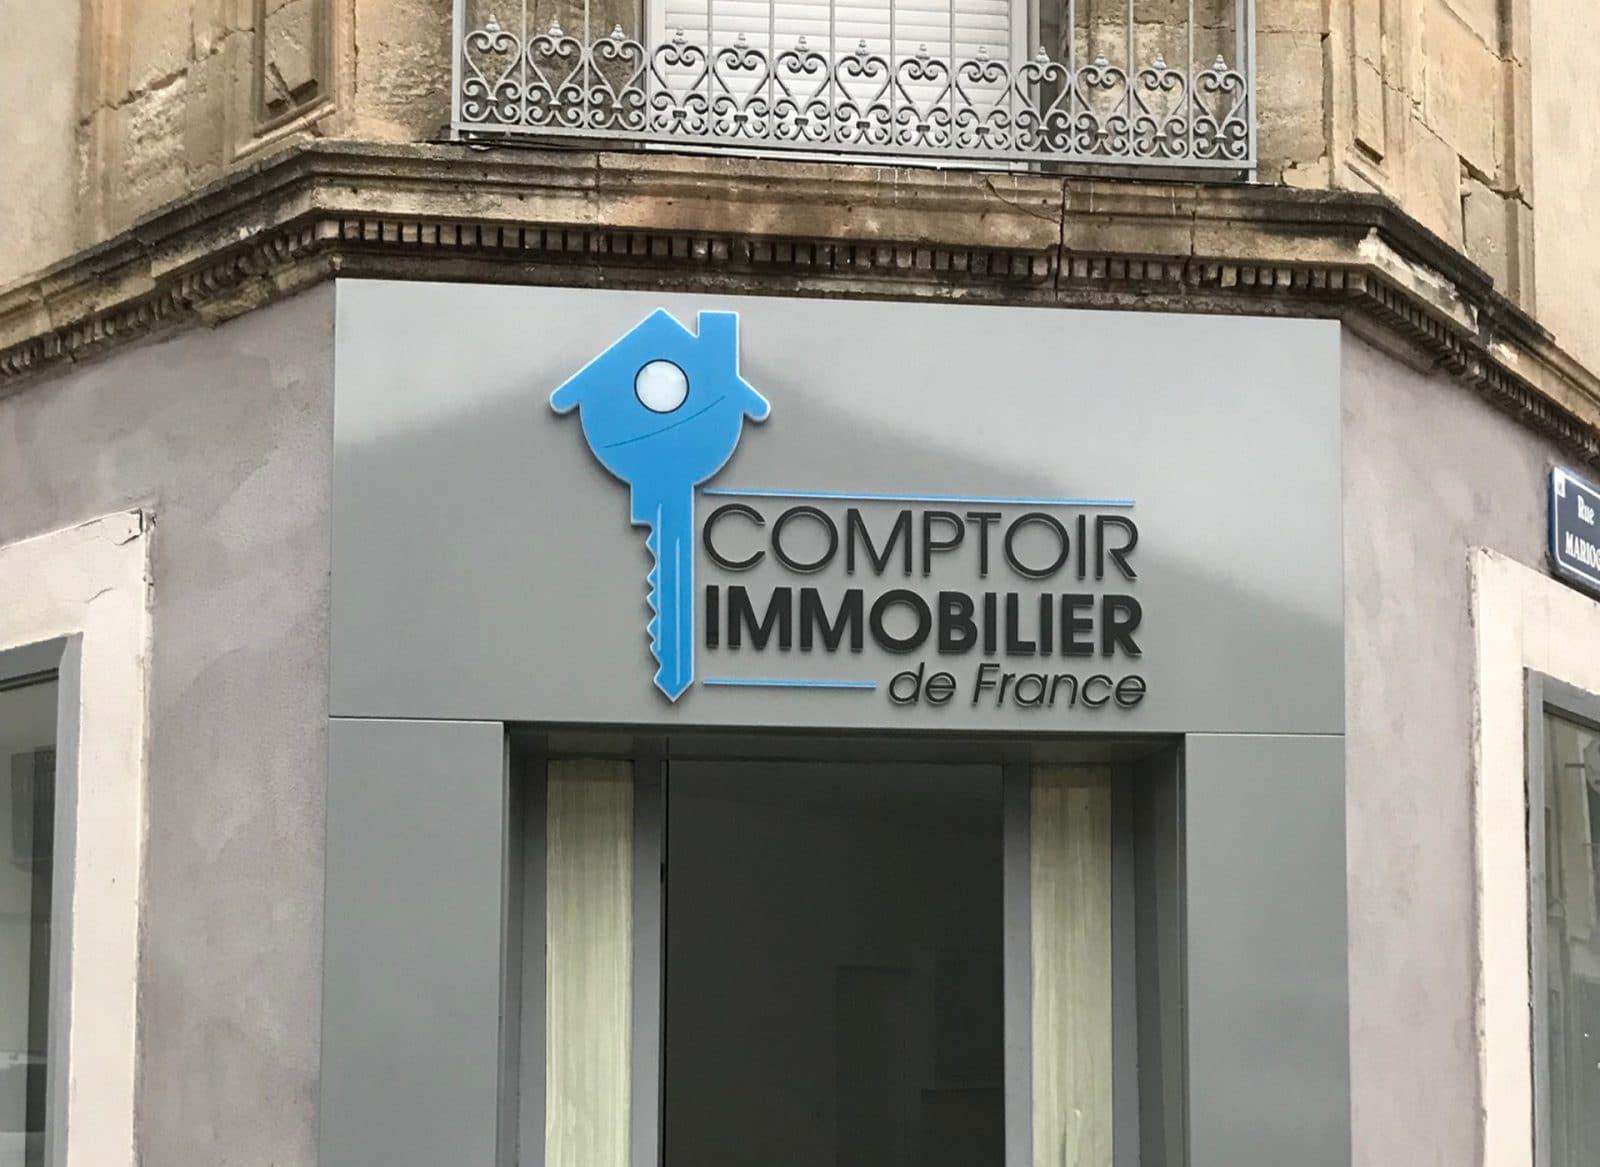 Comptoir Immobiler de France